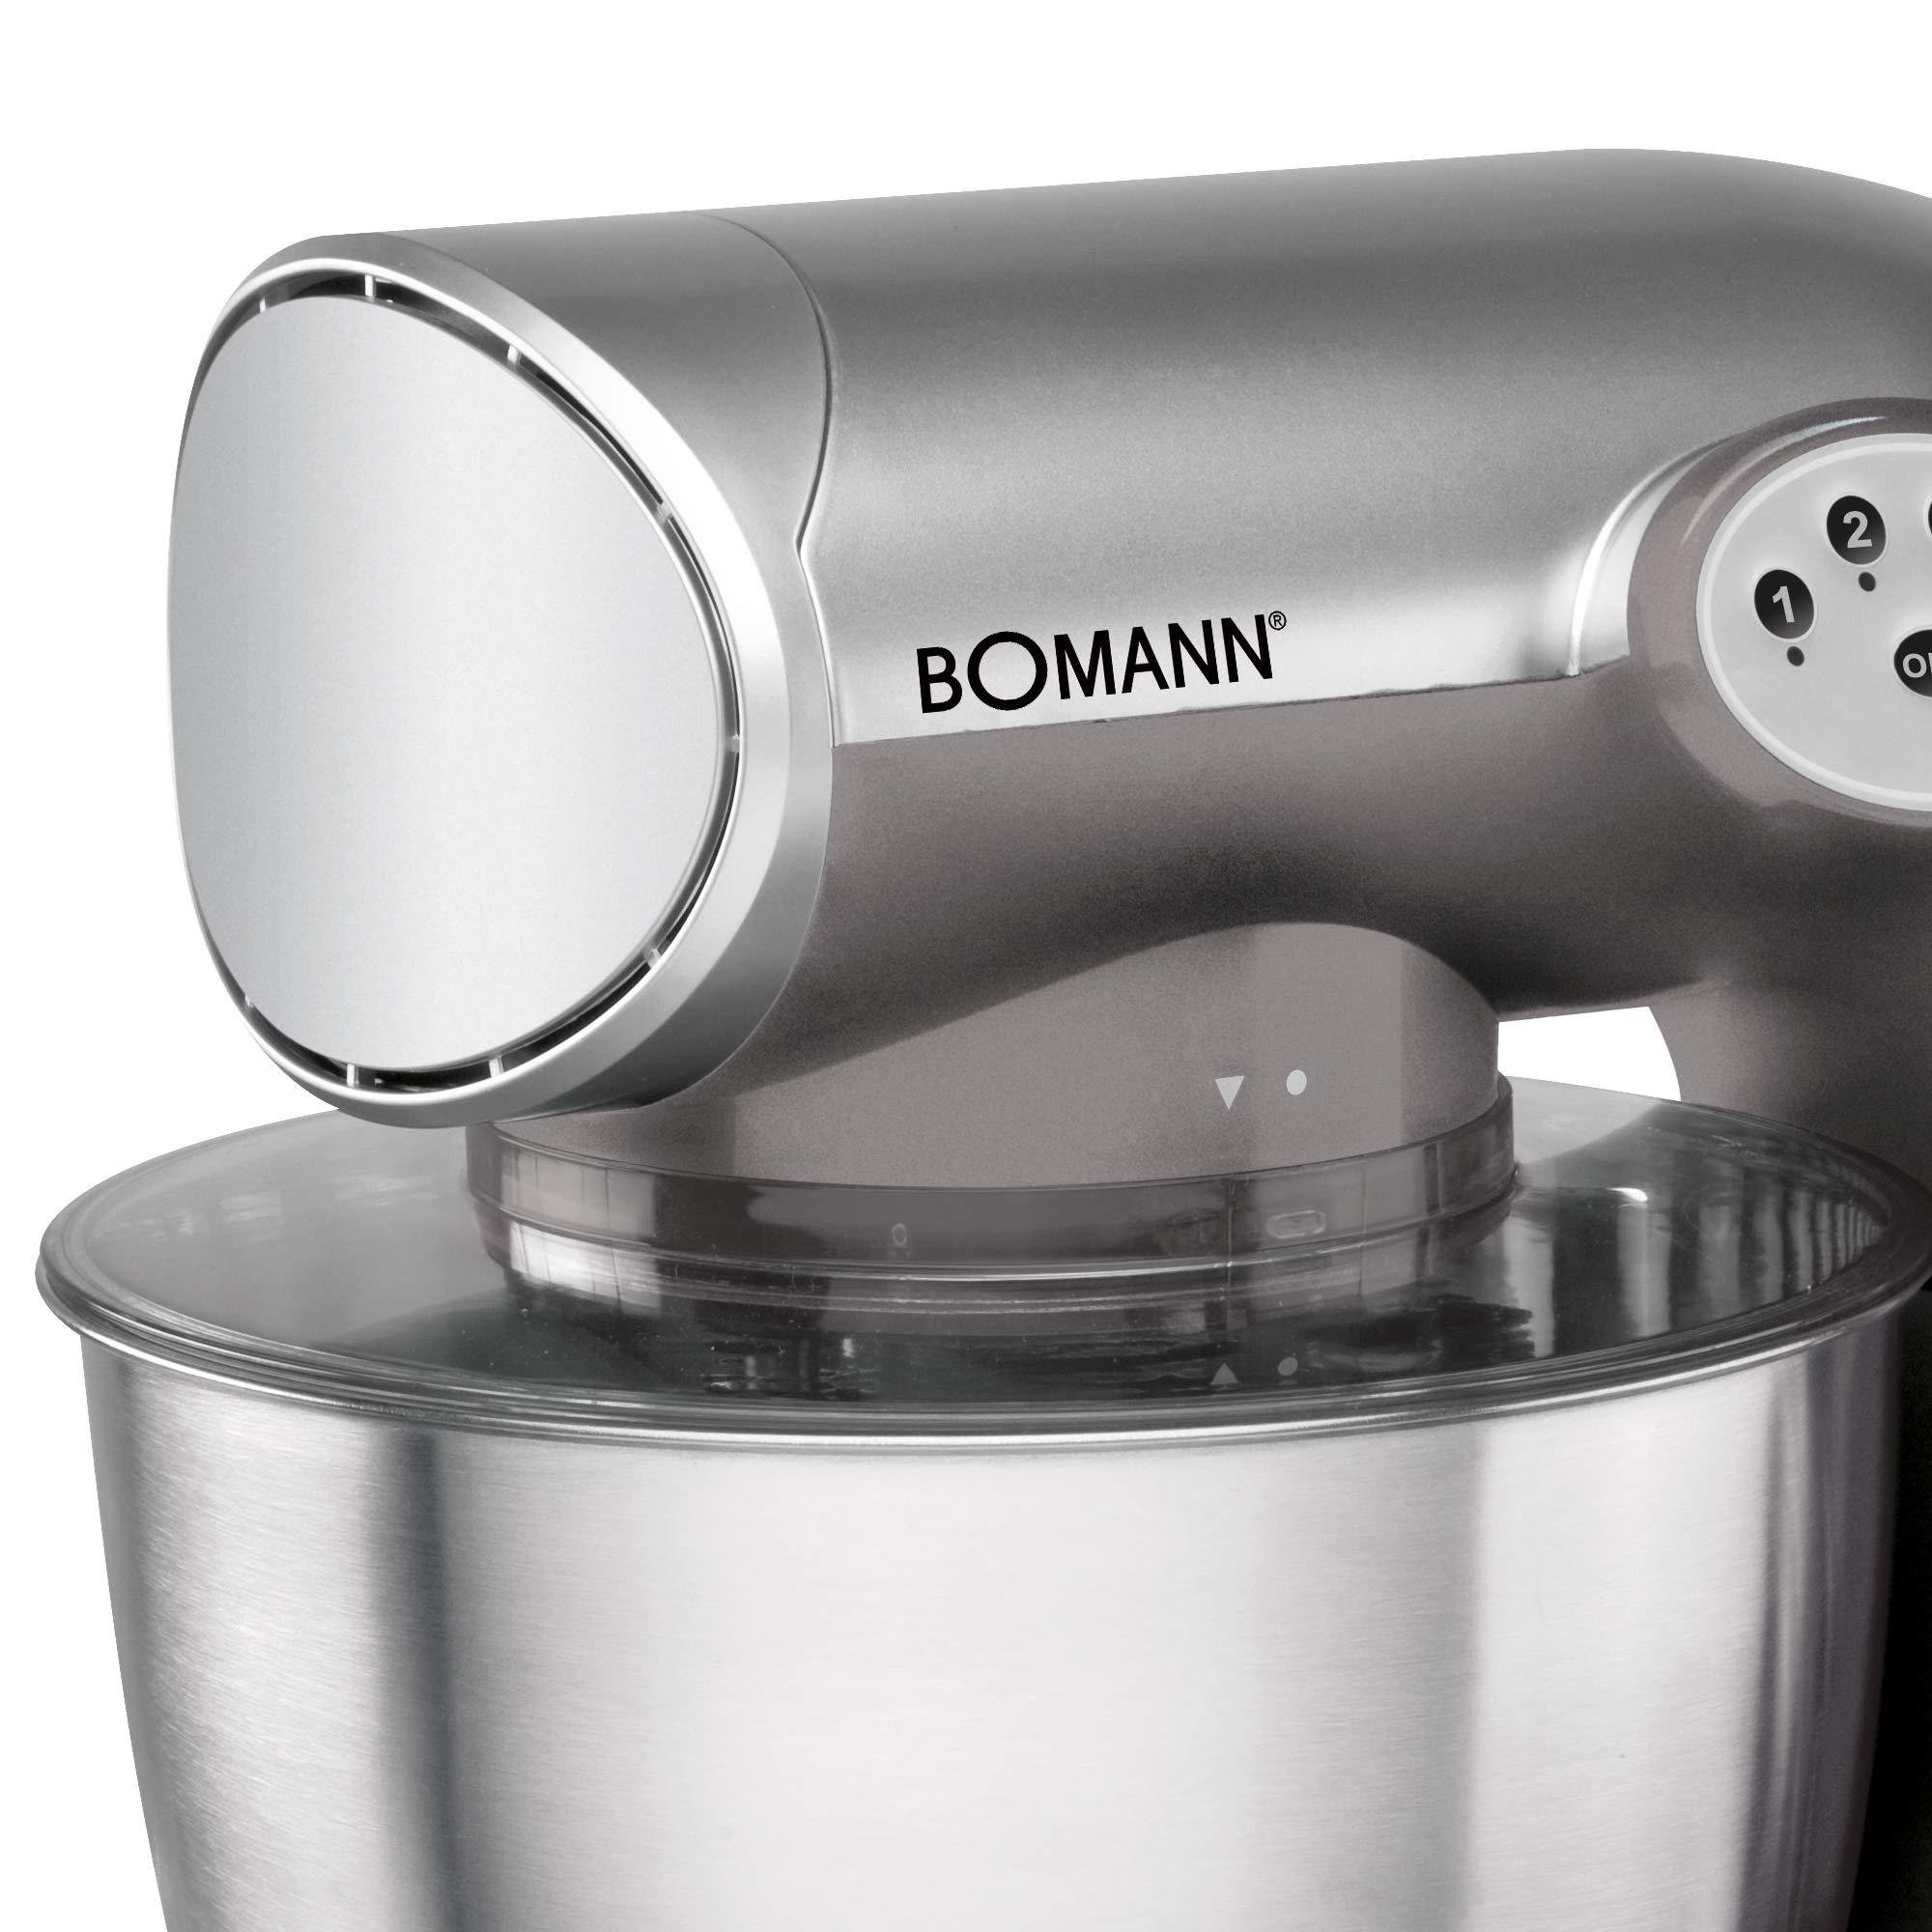 Bomann KM 305 CB - Batidora amasadora, 5.6 l, 5 velocidades, 1200 W + báscula de cocina, color titanio: Amazon.es: Hogar